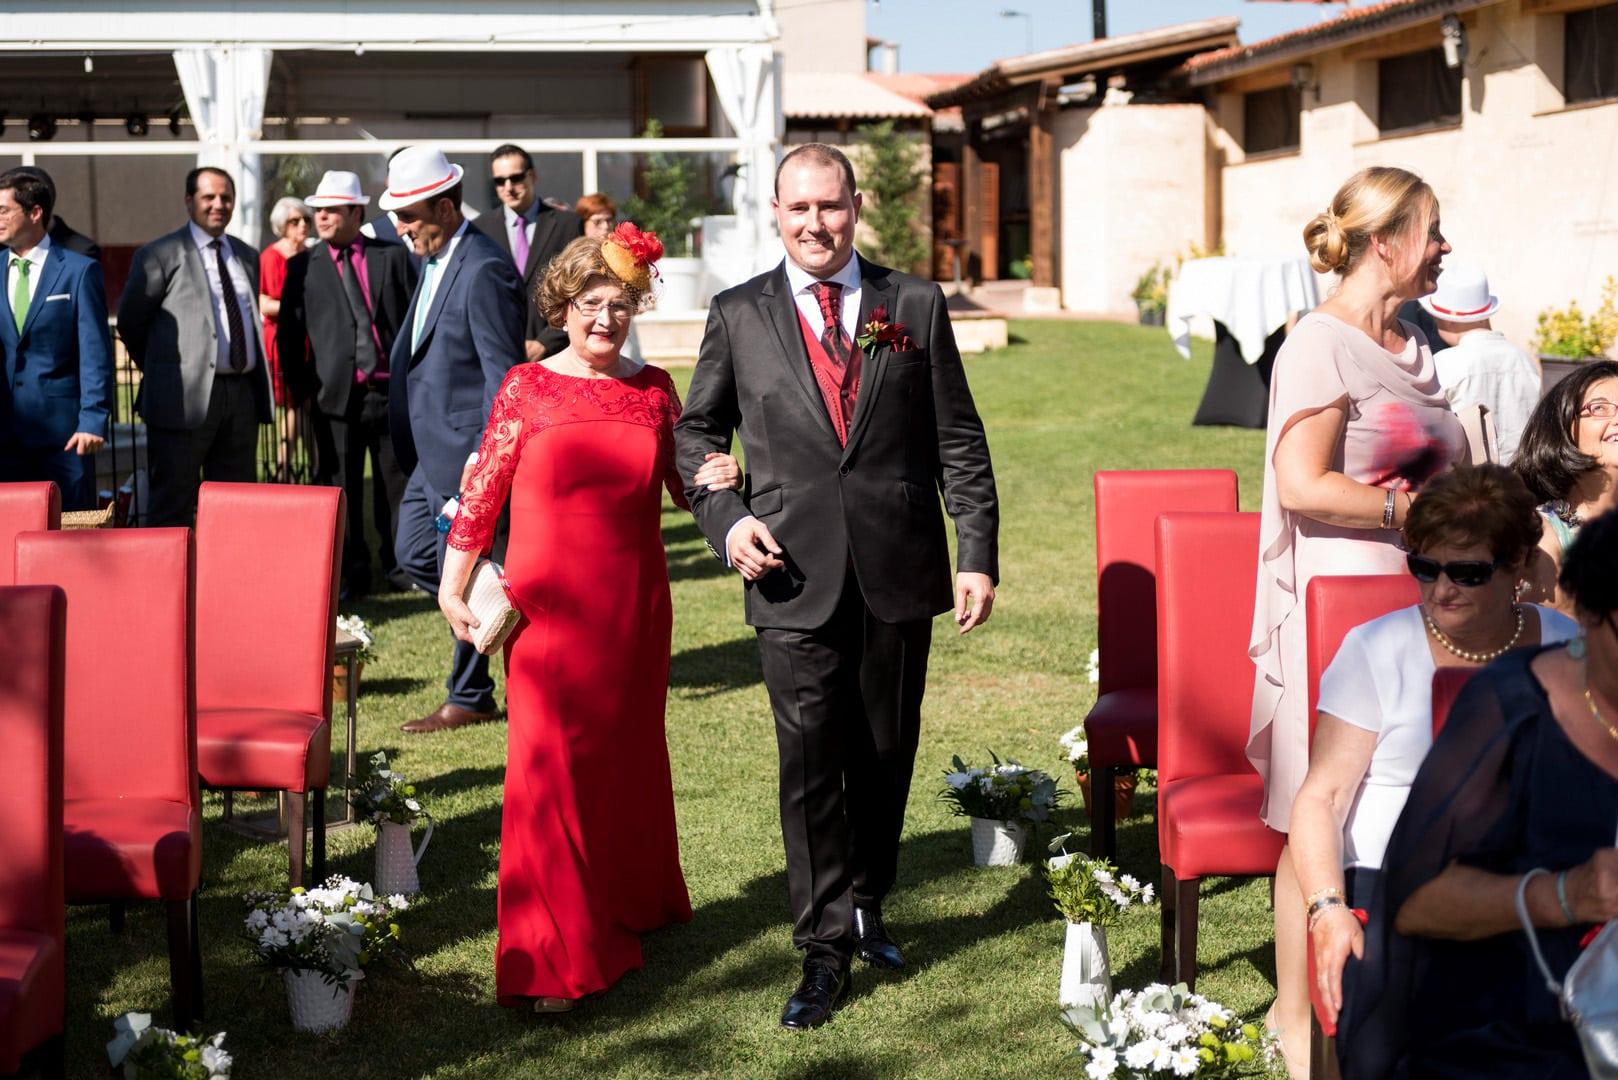 novio ZAZU-boda-divertida-en-rojo-Segovia UNA BODA DIVERTIDA EN SEGOVIA